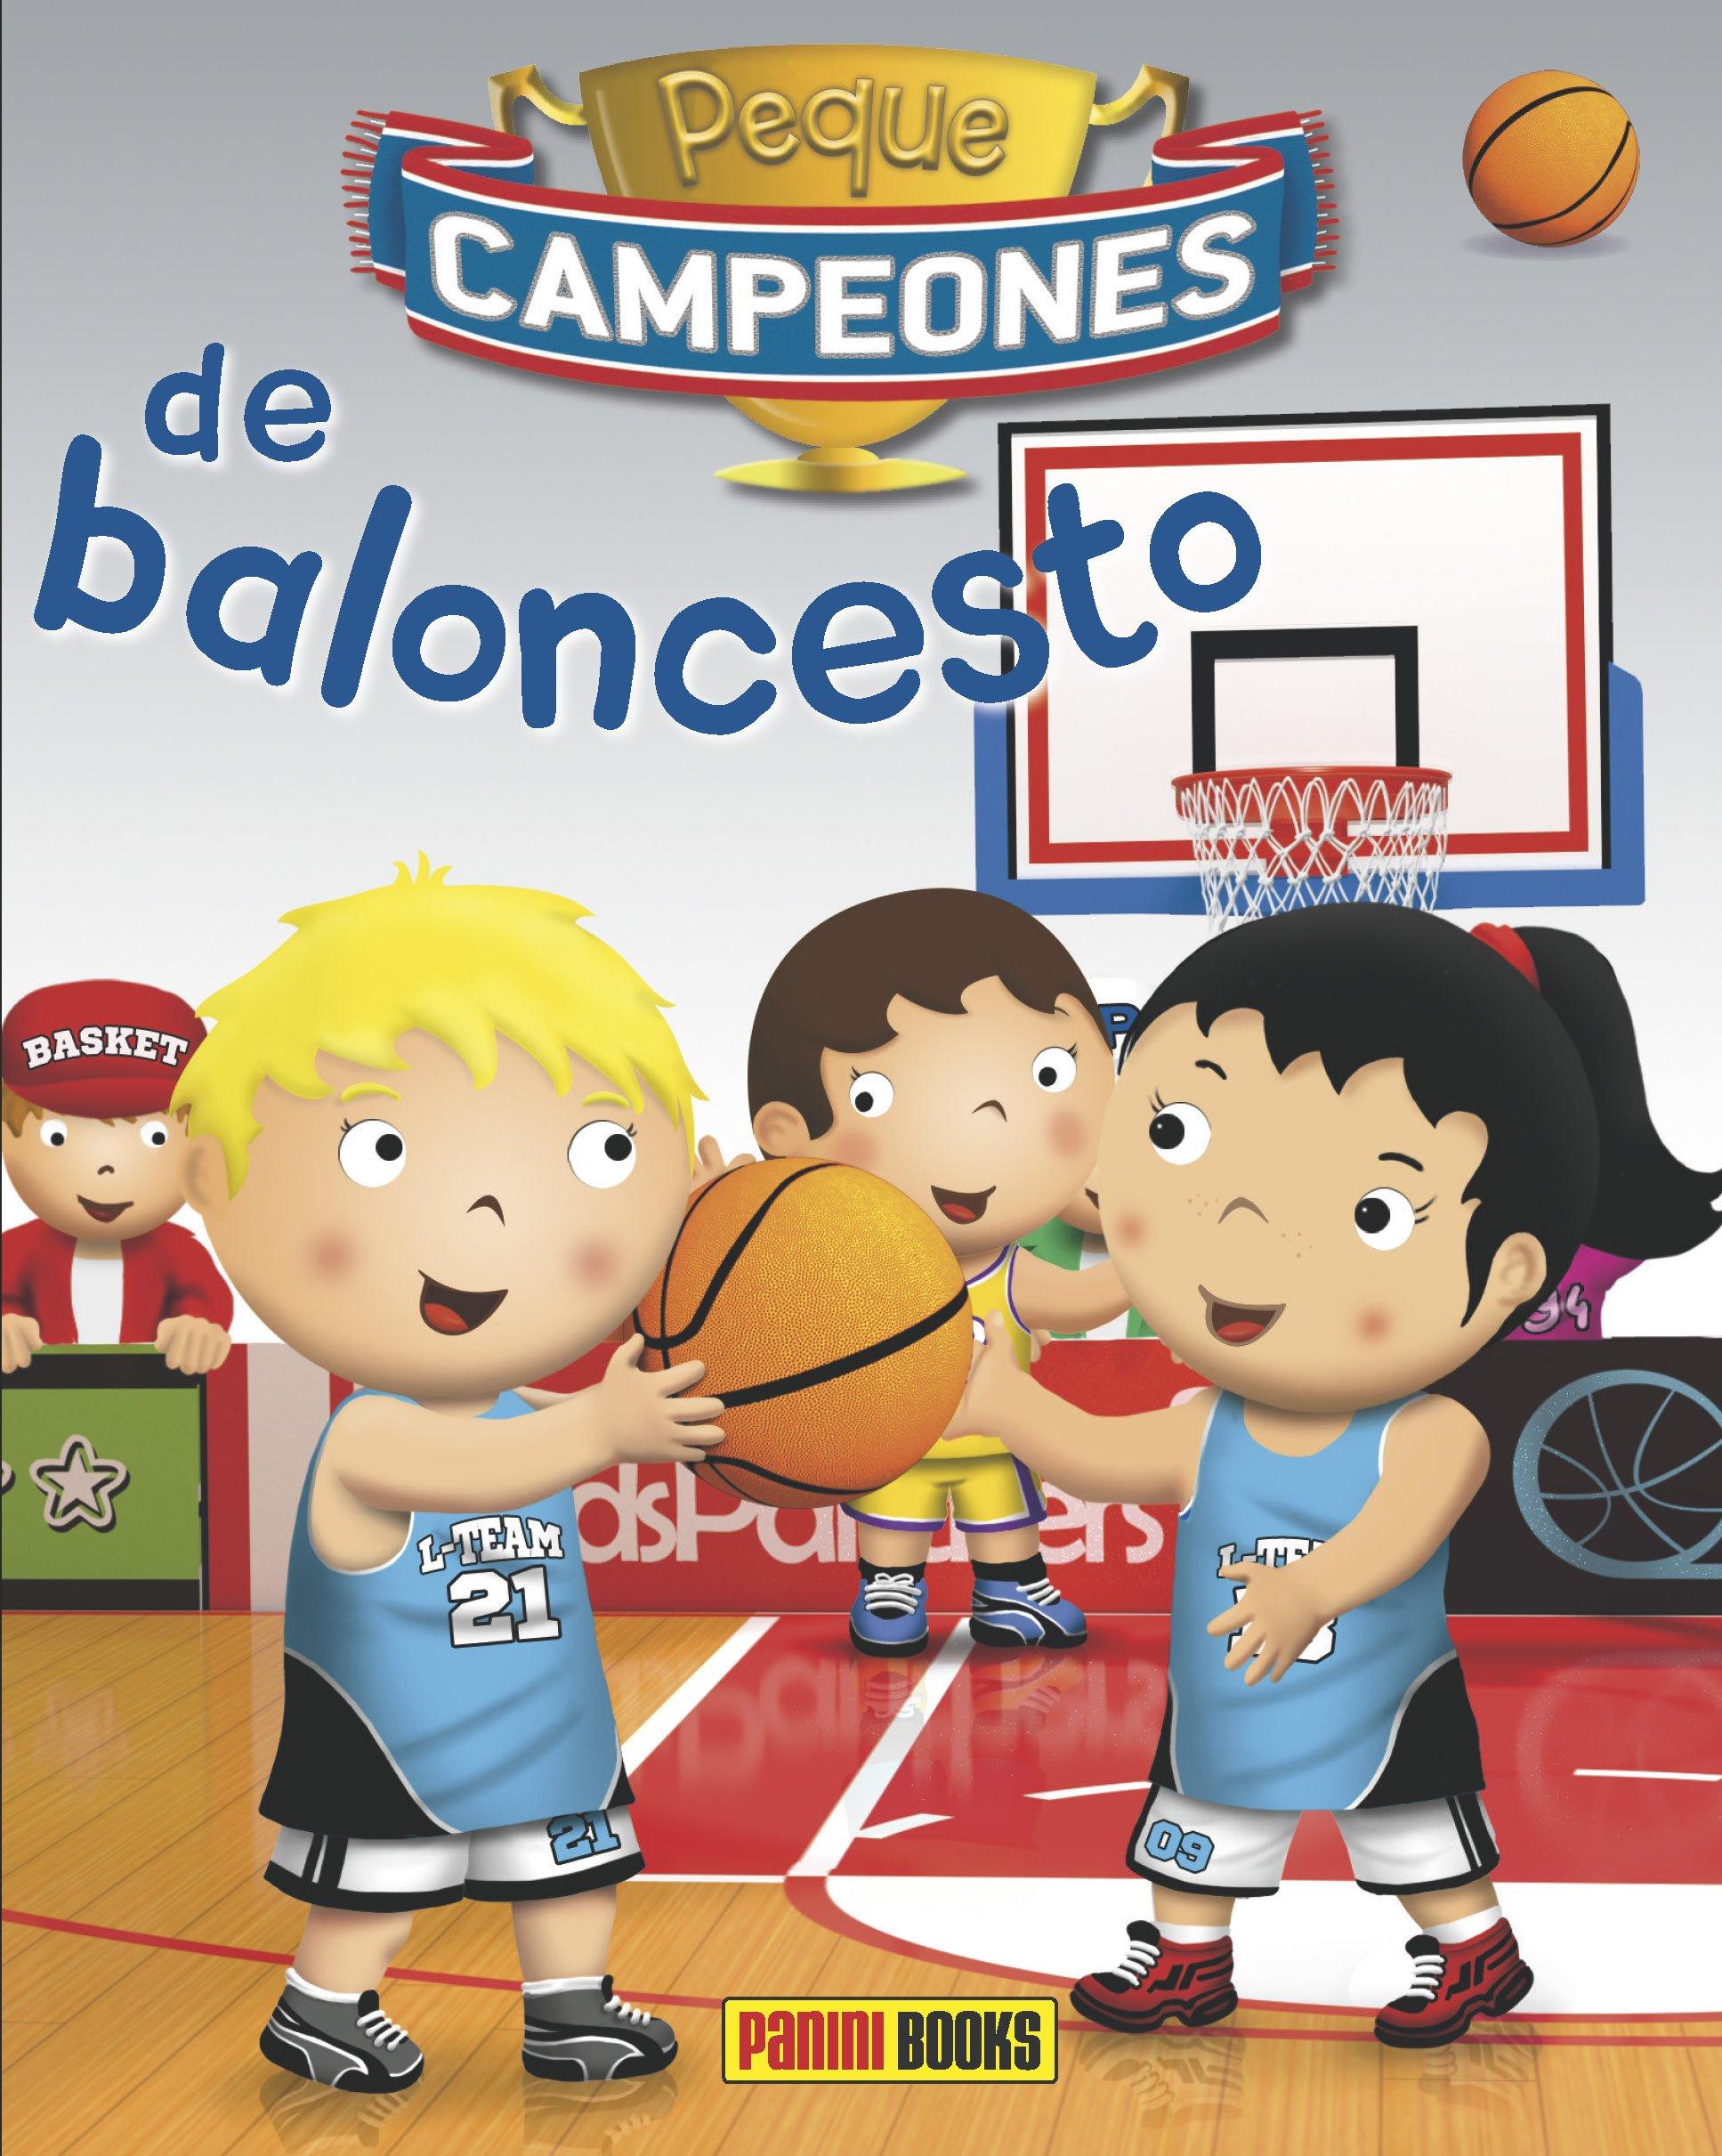 Peque campeones de baloncesto: Amazon.es: Vv.Aa.: Libros